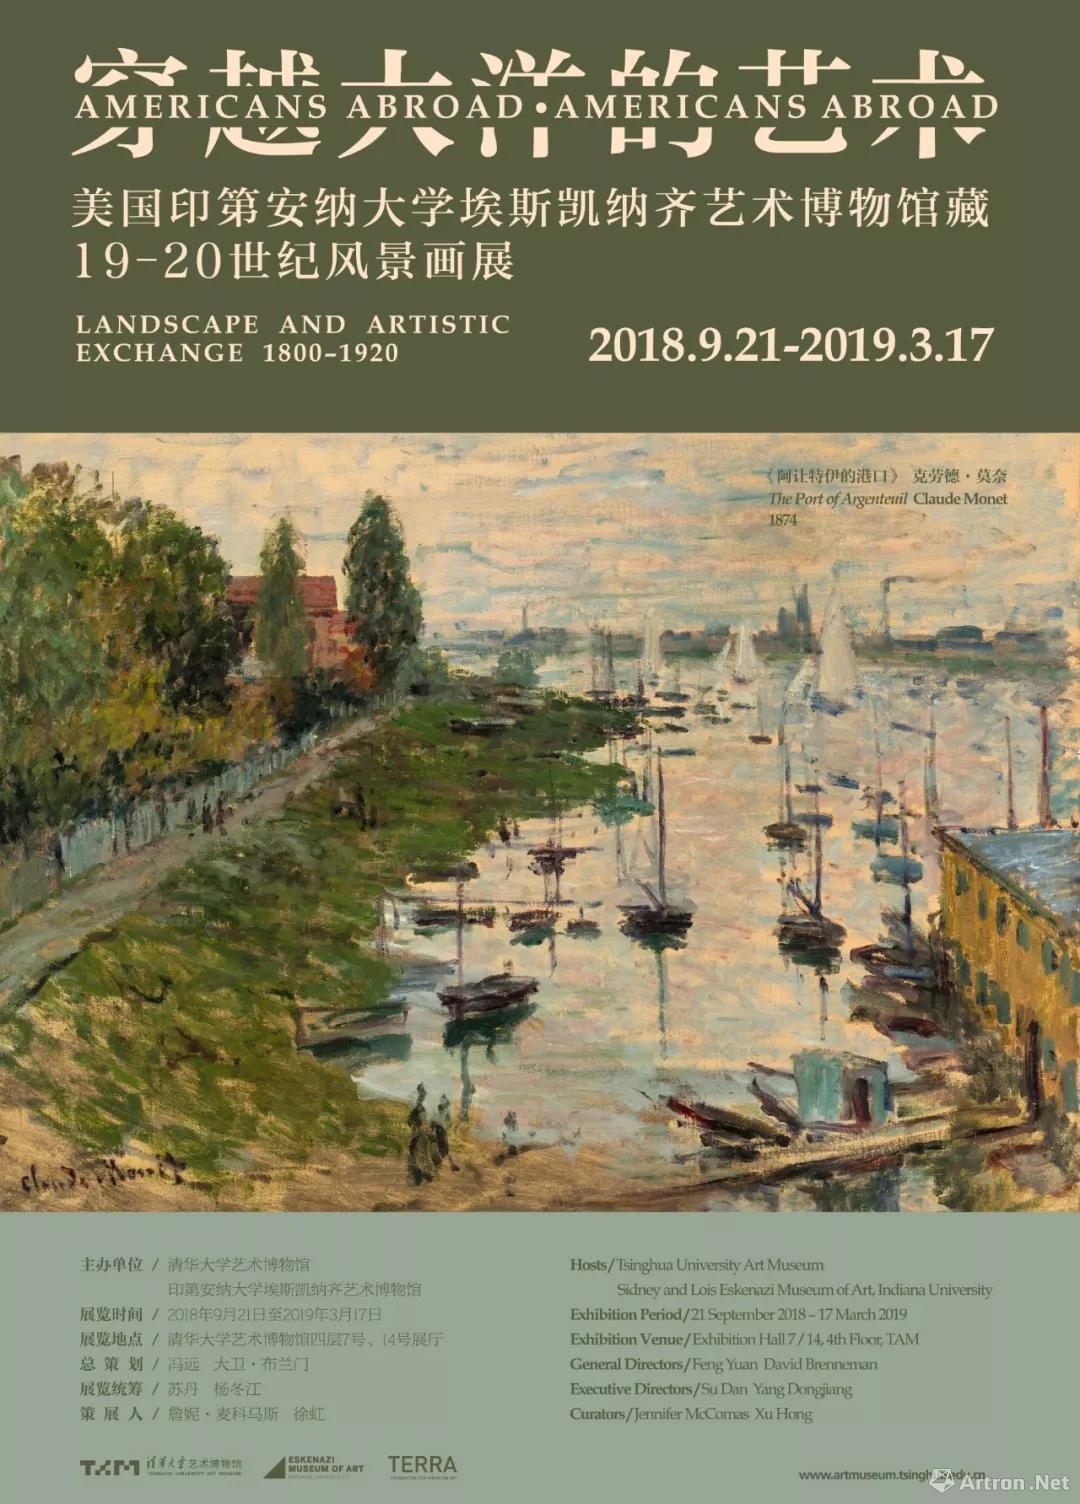 """""""穿越大洋的艺术""""美国印第安纳大学埃斯凯纳齐艺术博物馆藏·19-20世纪风景画展"""